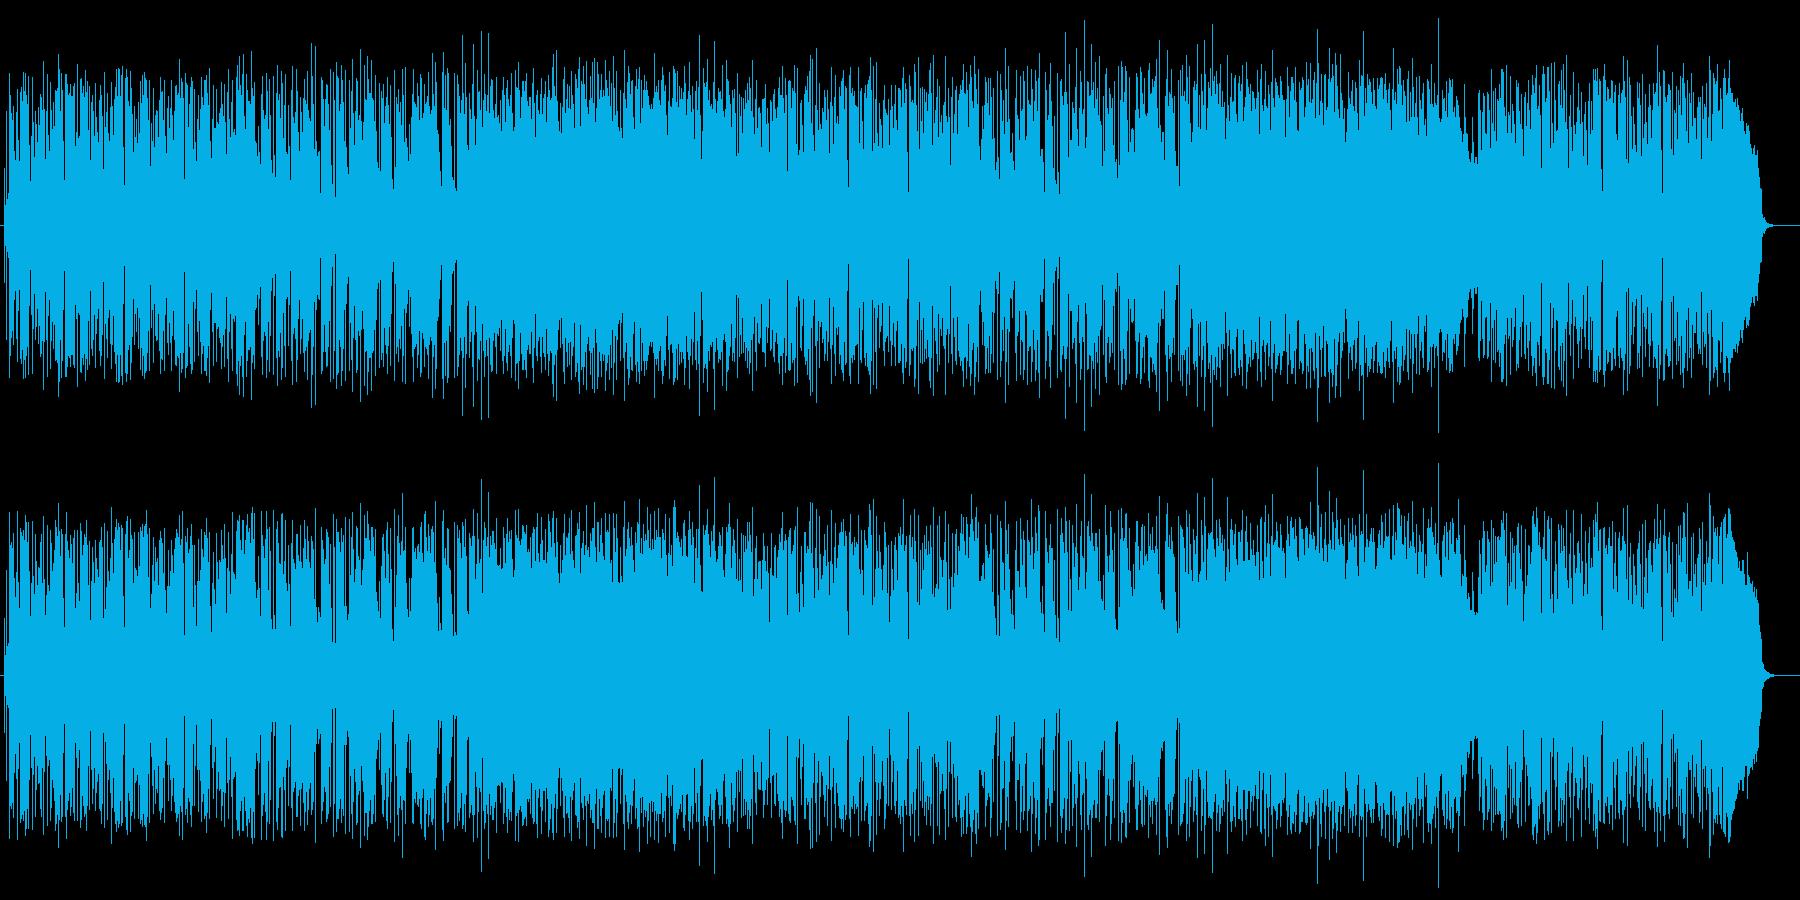 軽快なリズムが特徴の日常的なポップスの再生済みの波形